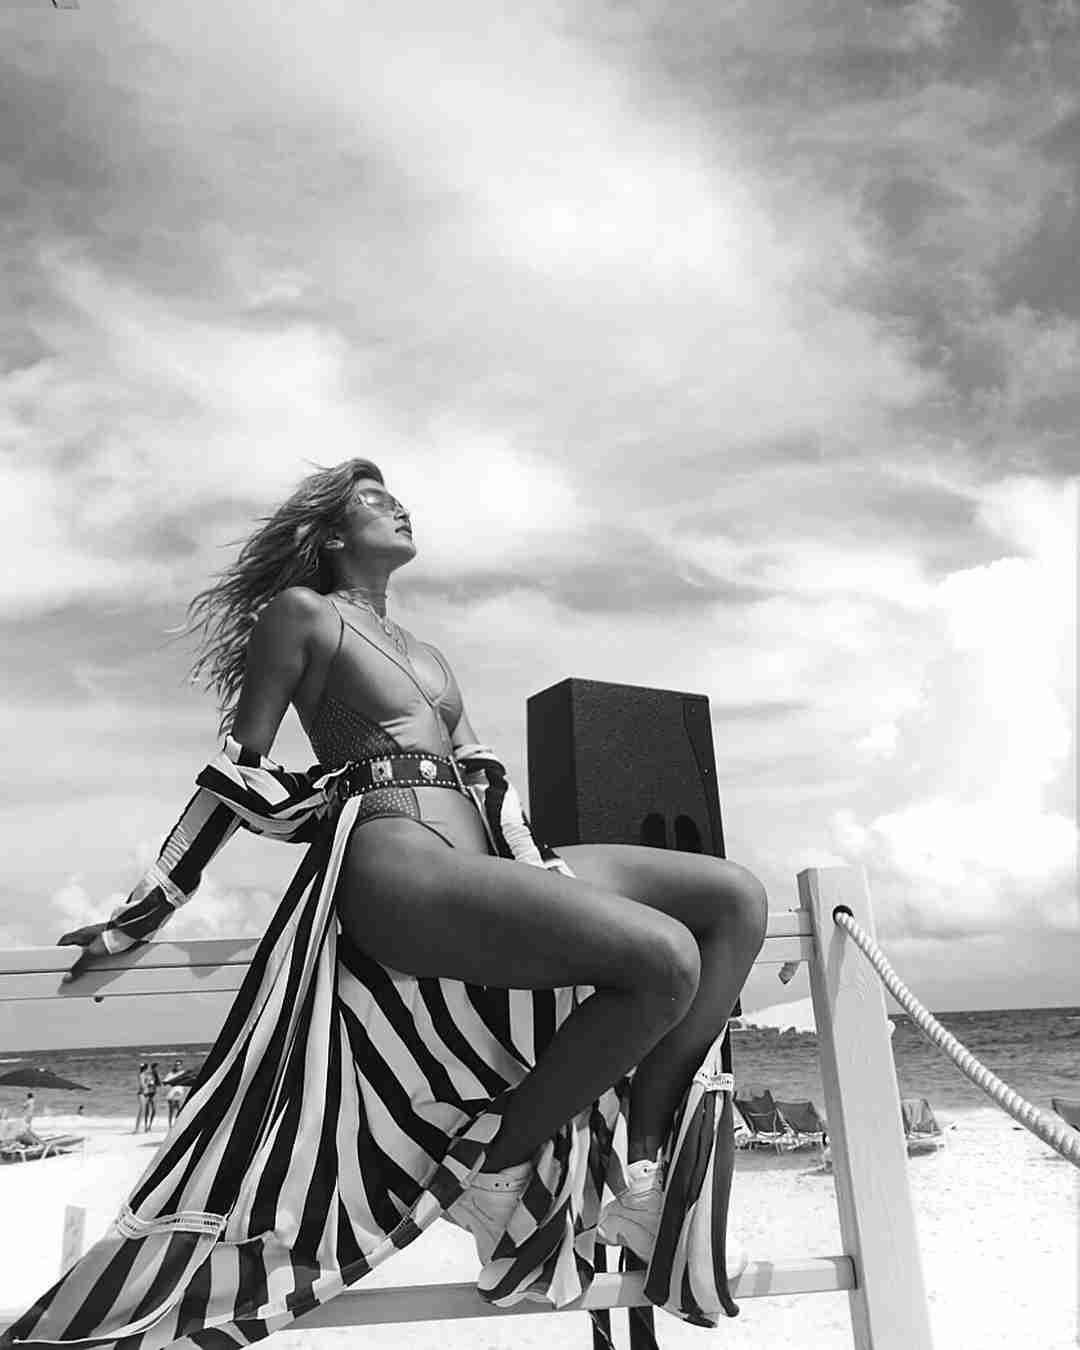 ローラ、水着ショットで美ボディあらわ「無駄な肉がない」「筋肉の付き方がすごい」